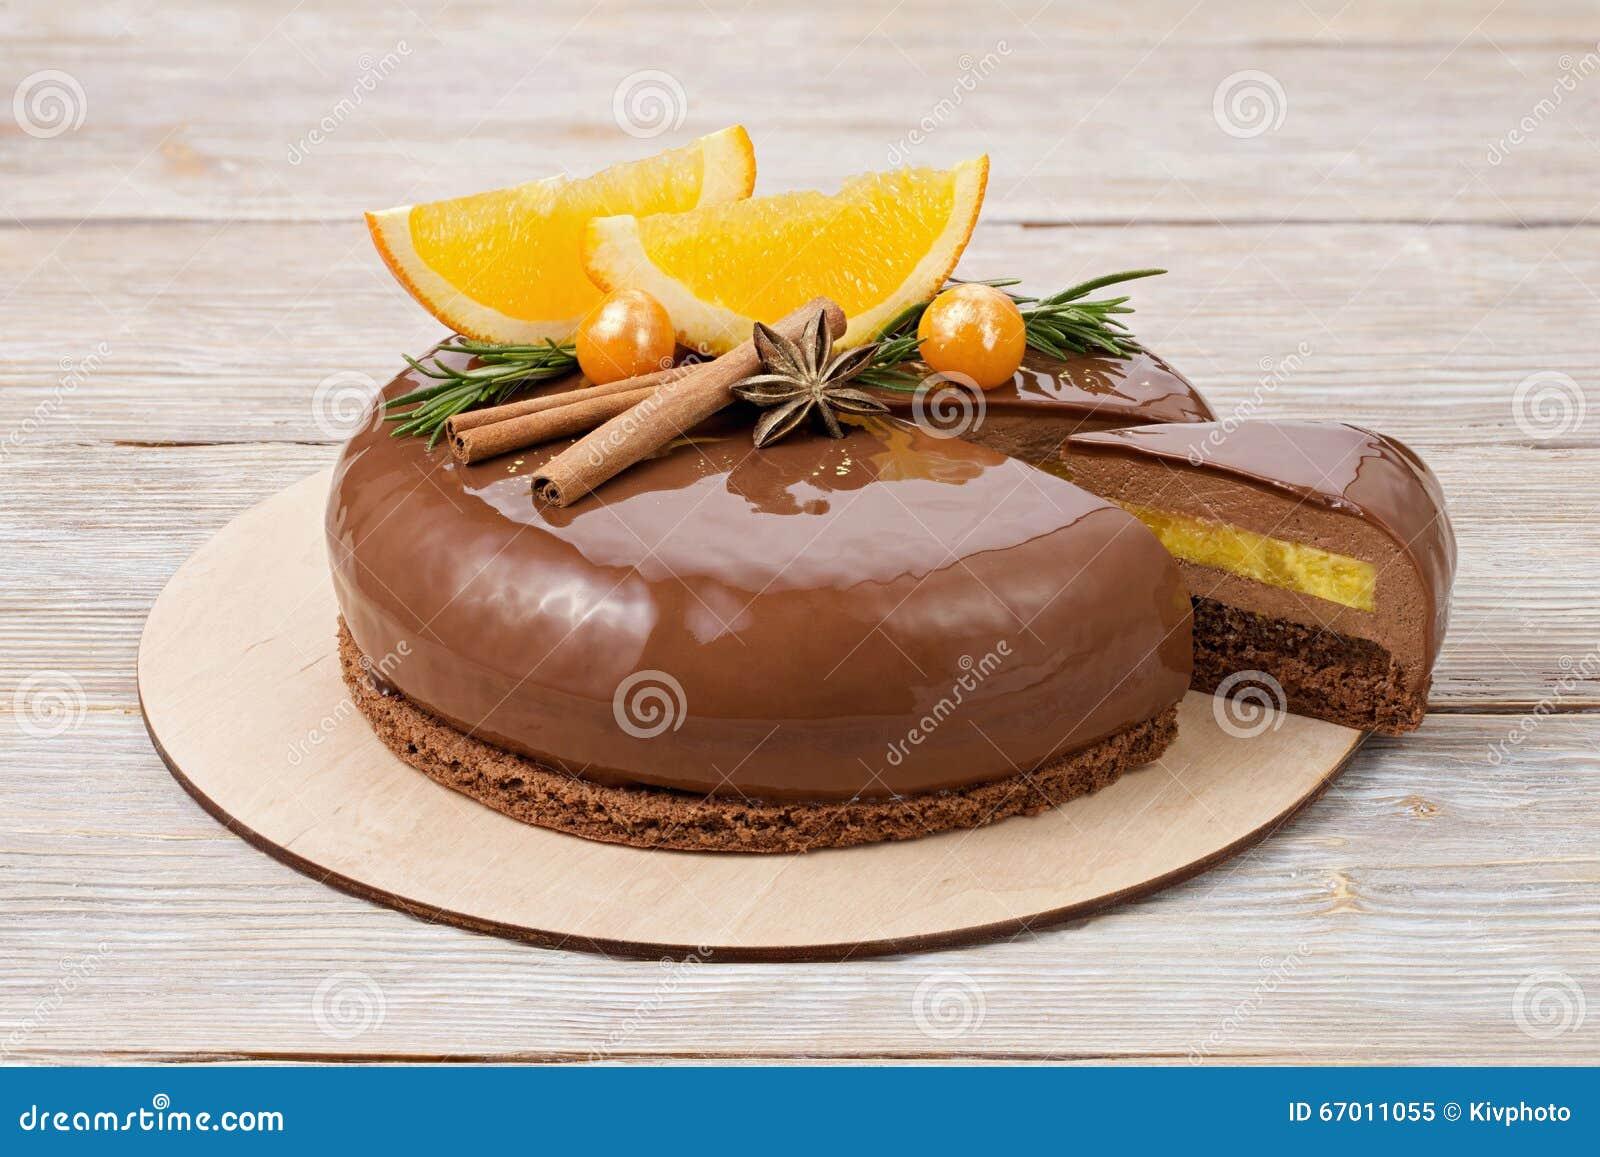 Anise Orange Cake